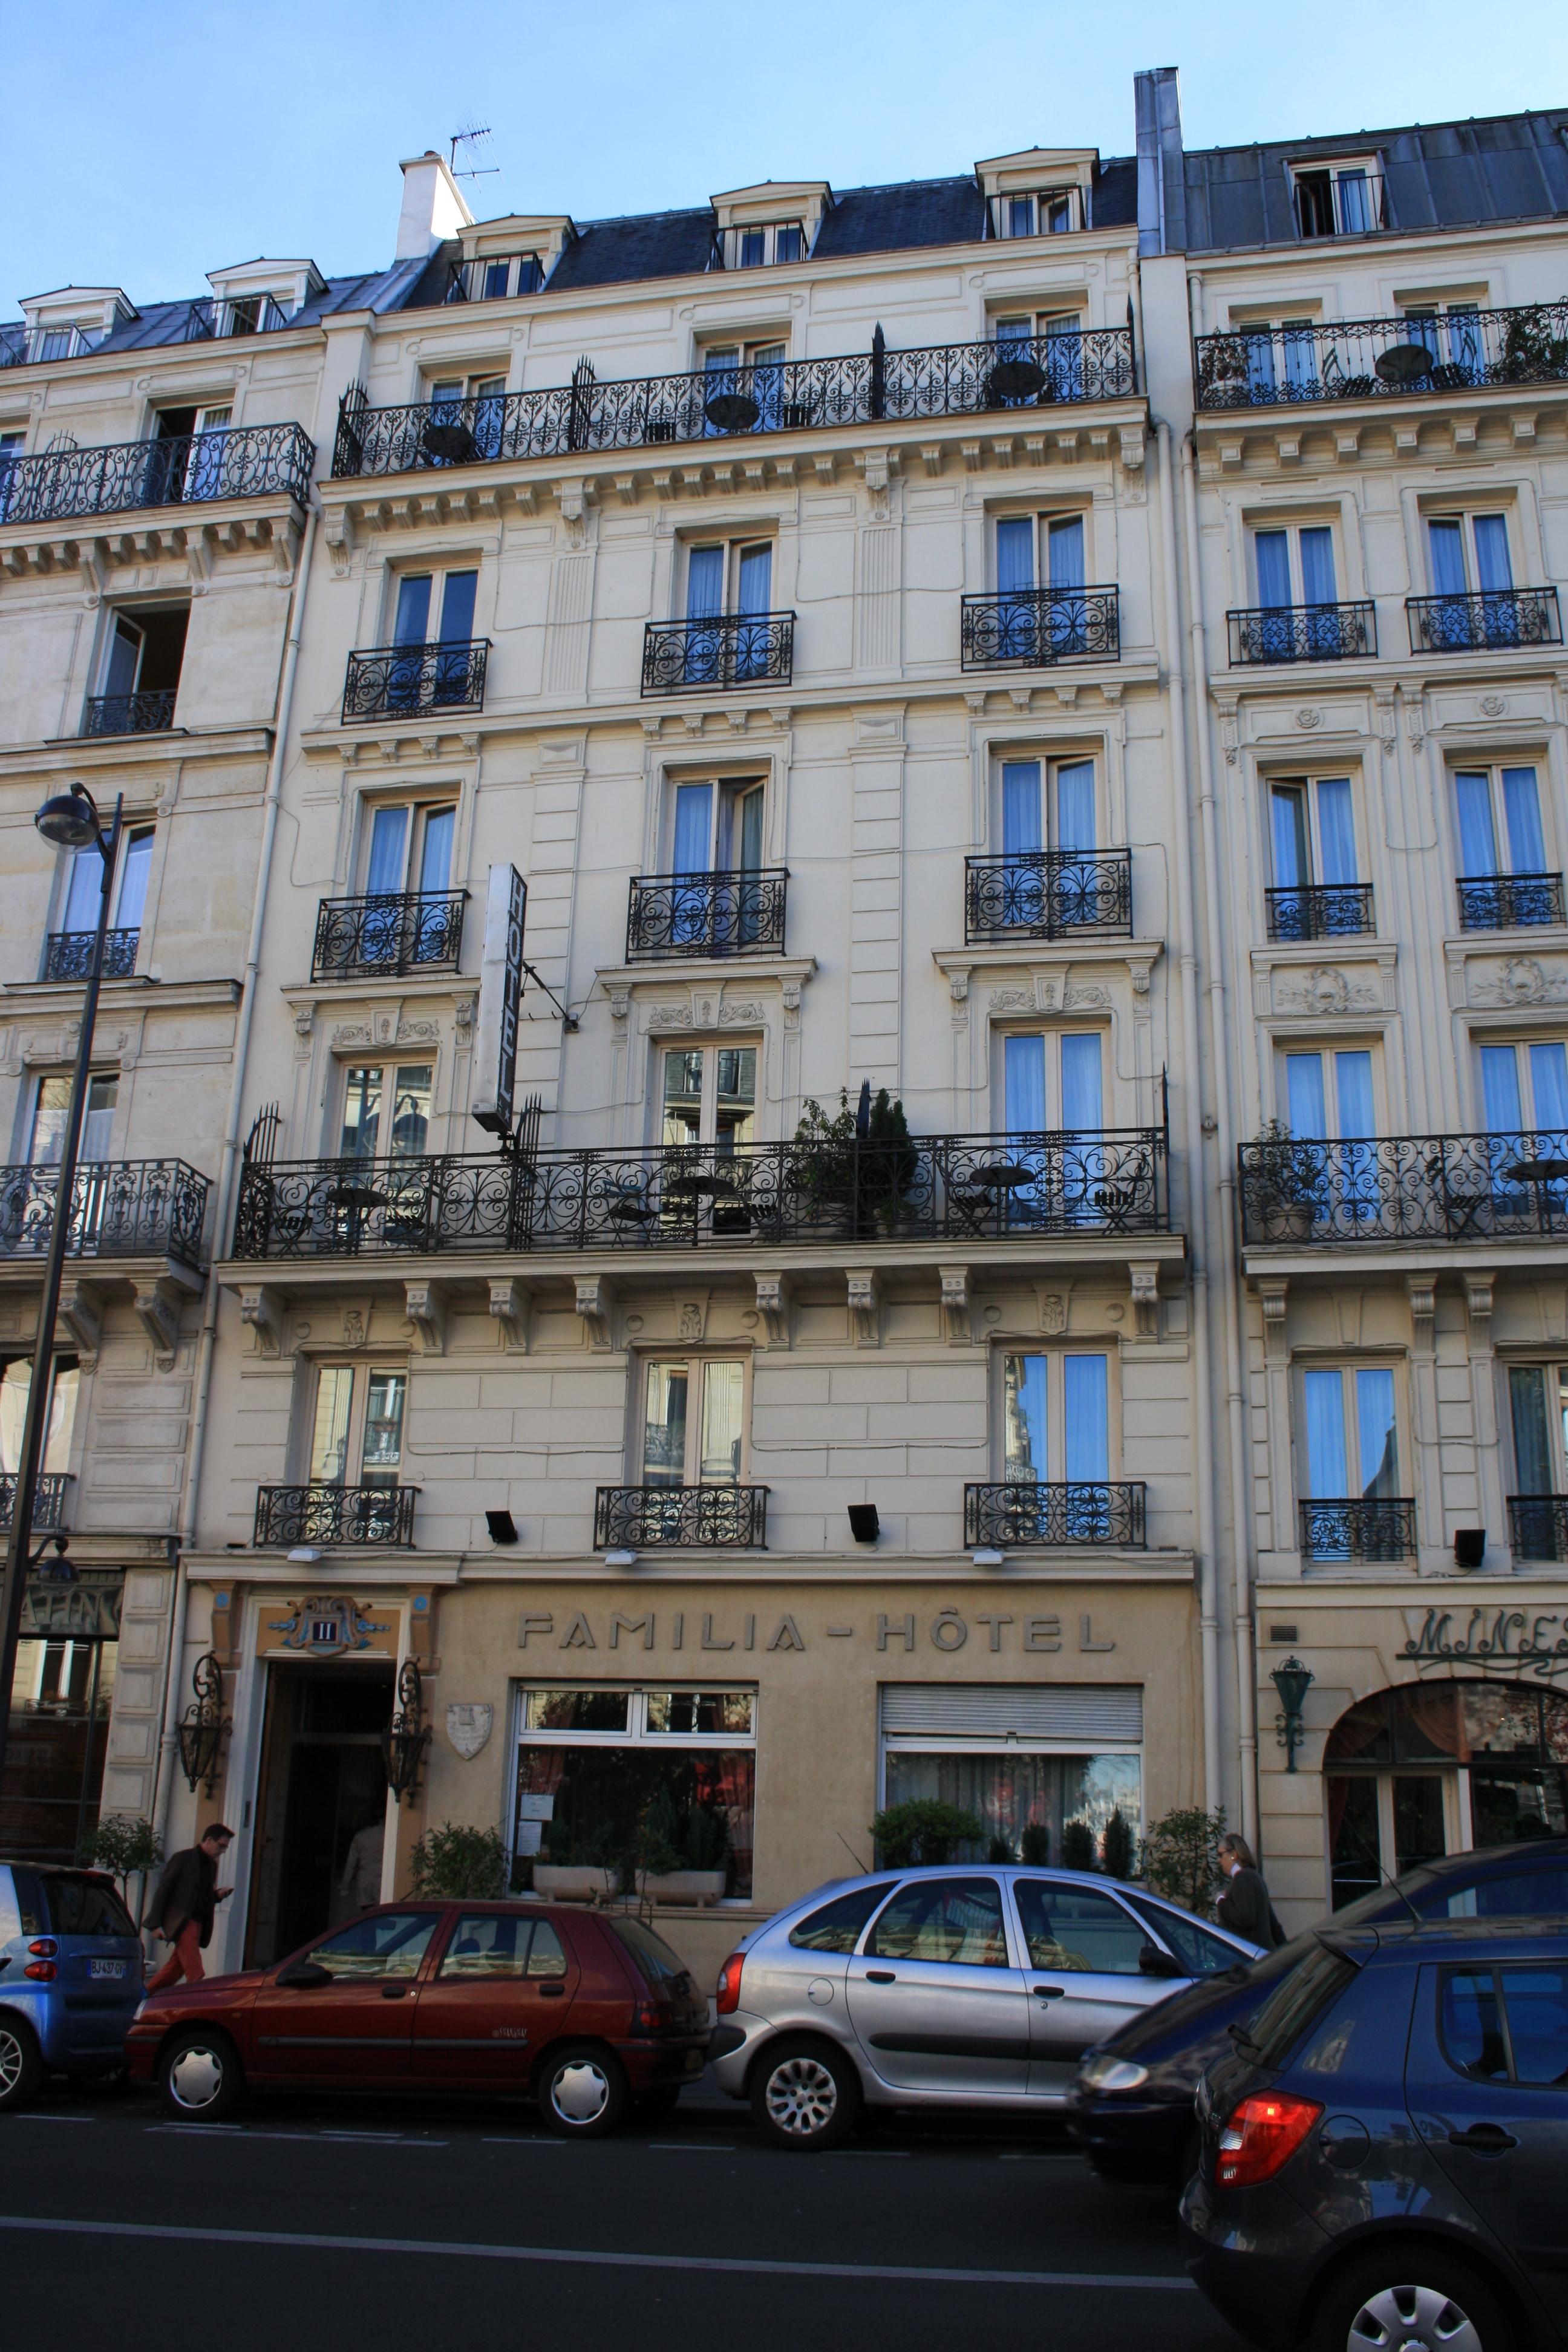 file familia hotel in wikimedia commons